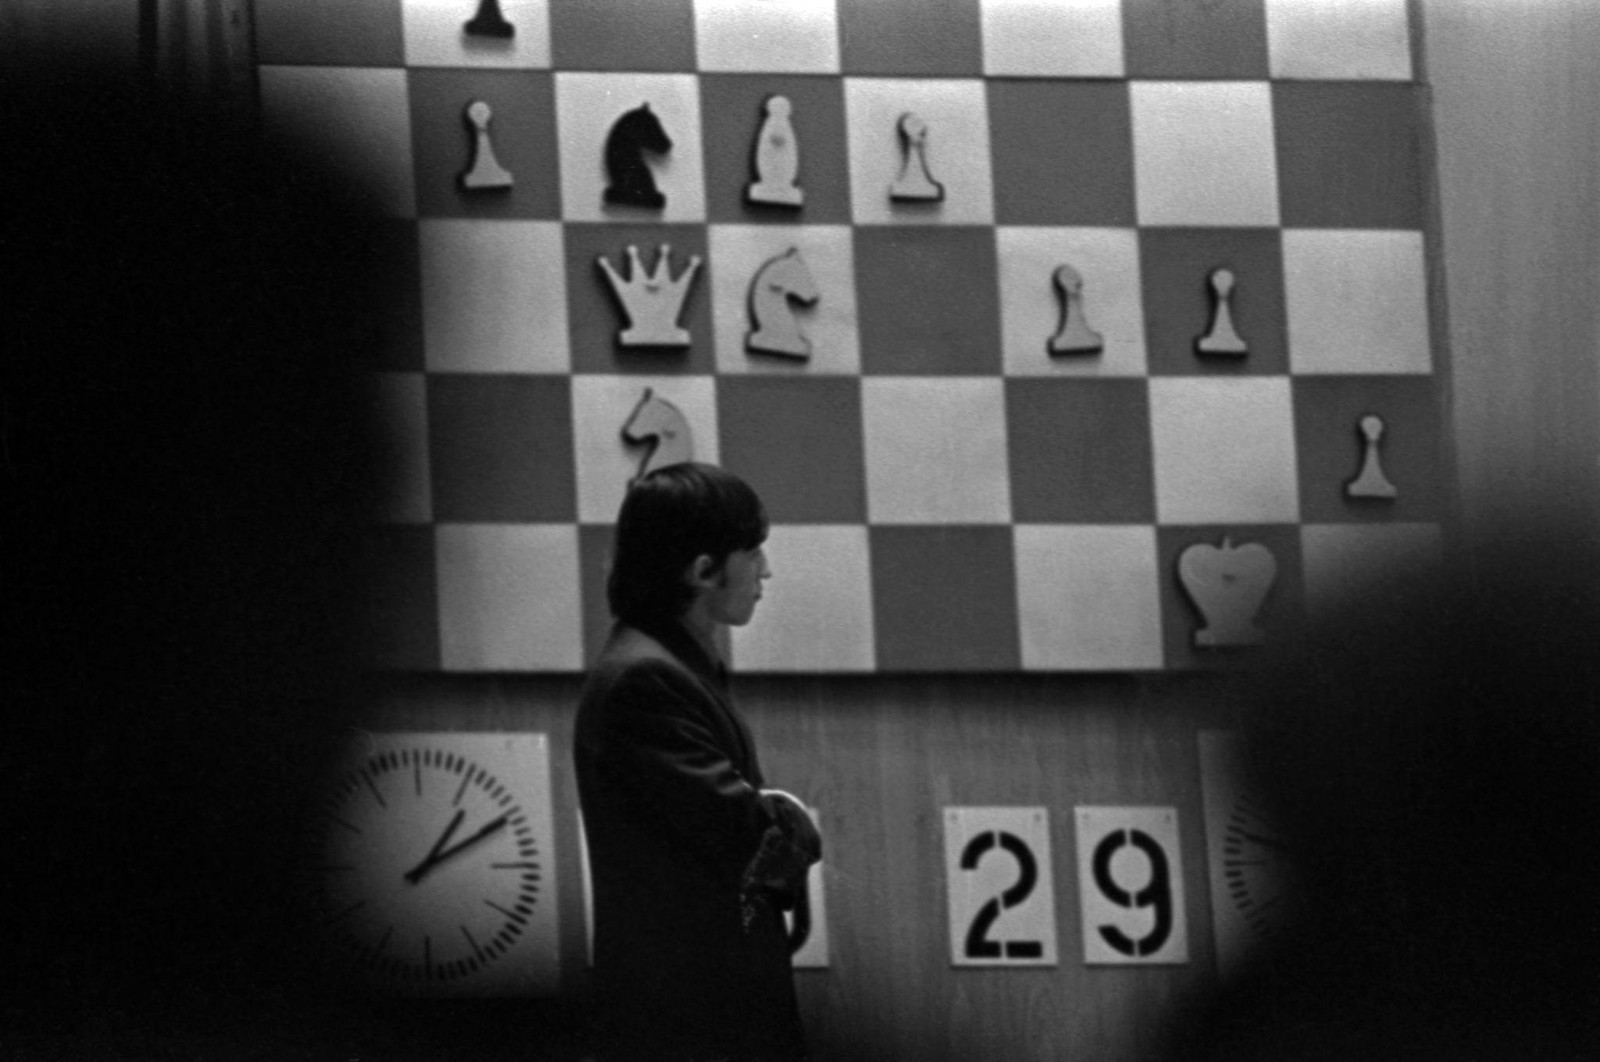 1974. Шахматный матч между Виктором Корчным и Анатолием Карповым в Колонном зале Дома Союзов